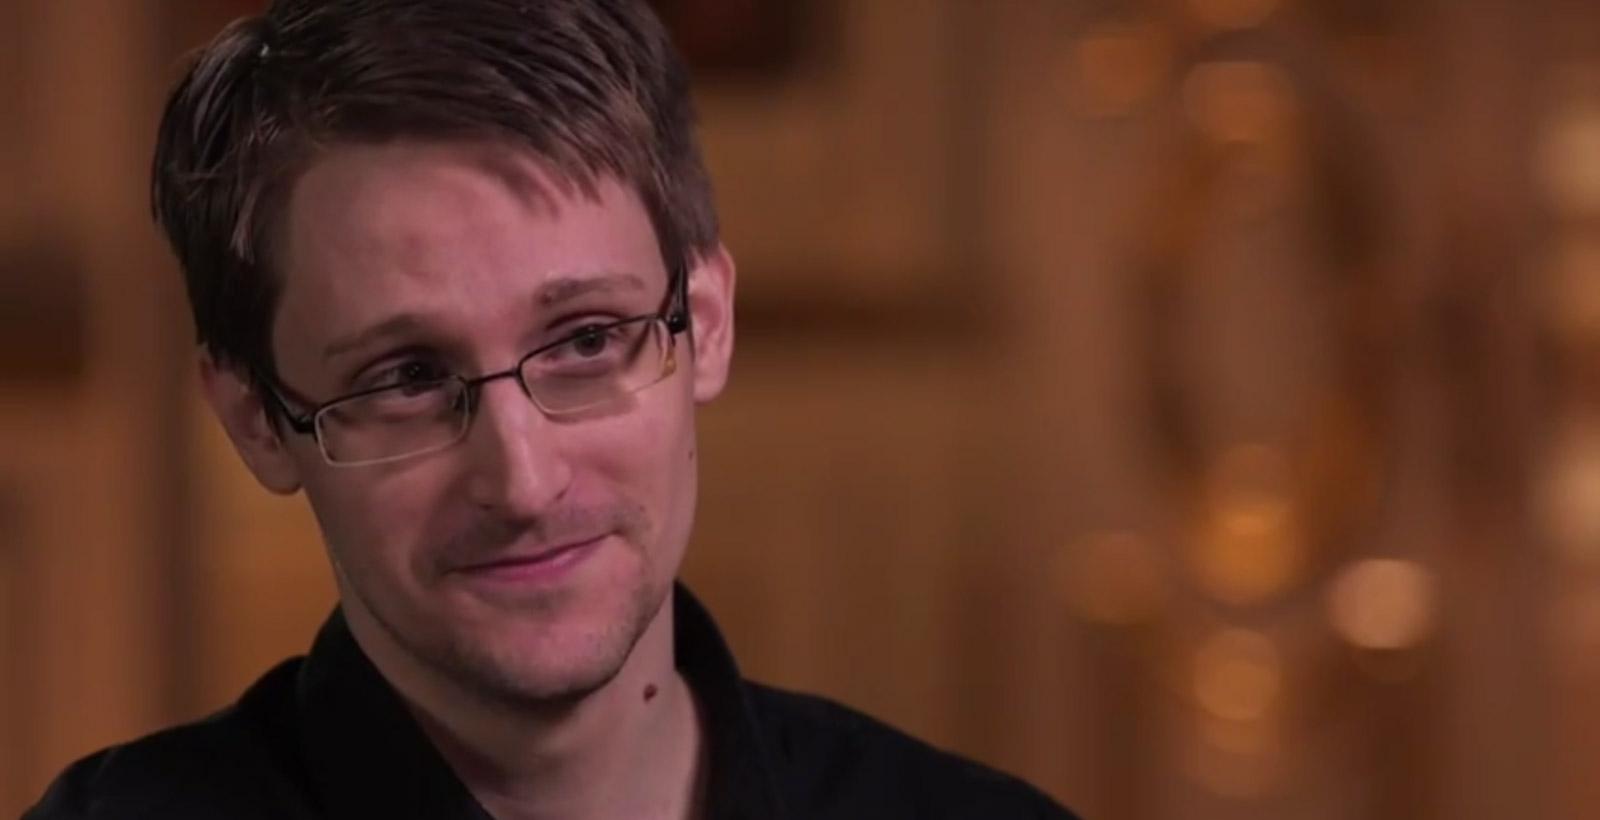 Edward Snowden, amusé à l'idée de vulgariser les programmes de la NSA d'un tout autre point de vue (Image : HBO).